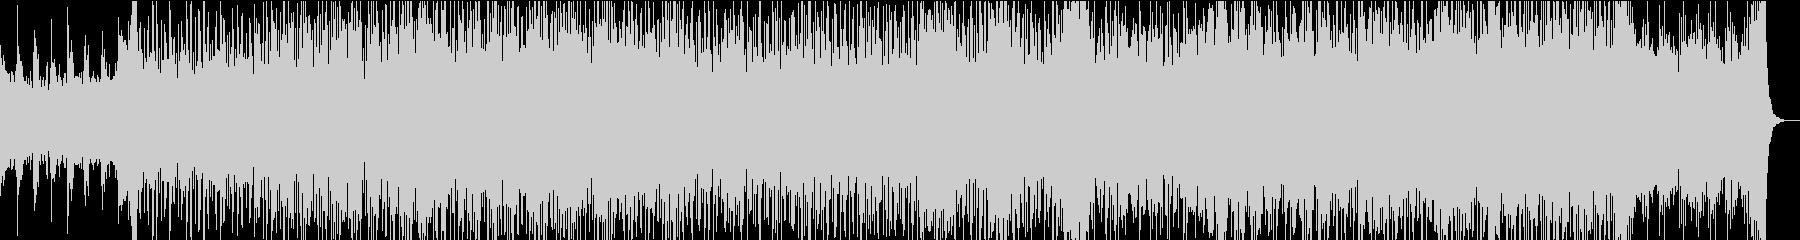 80's シンセウェーブ 近未来的の未再生の波形